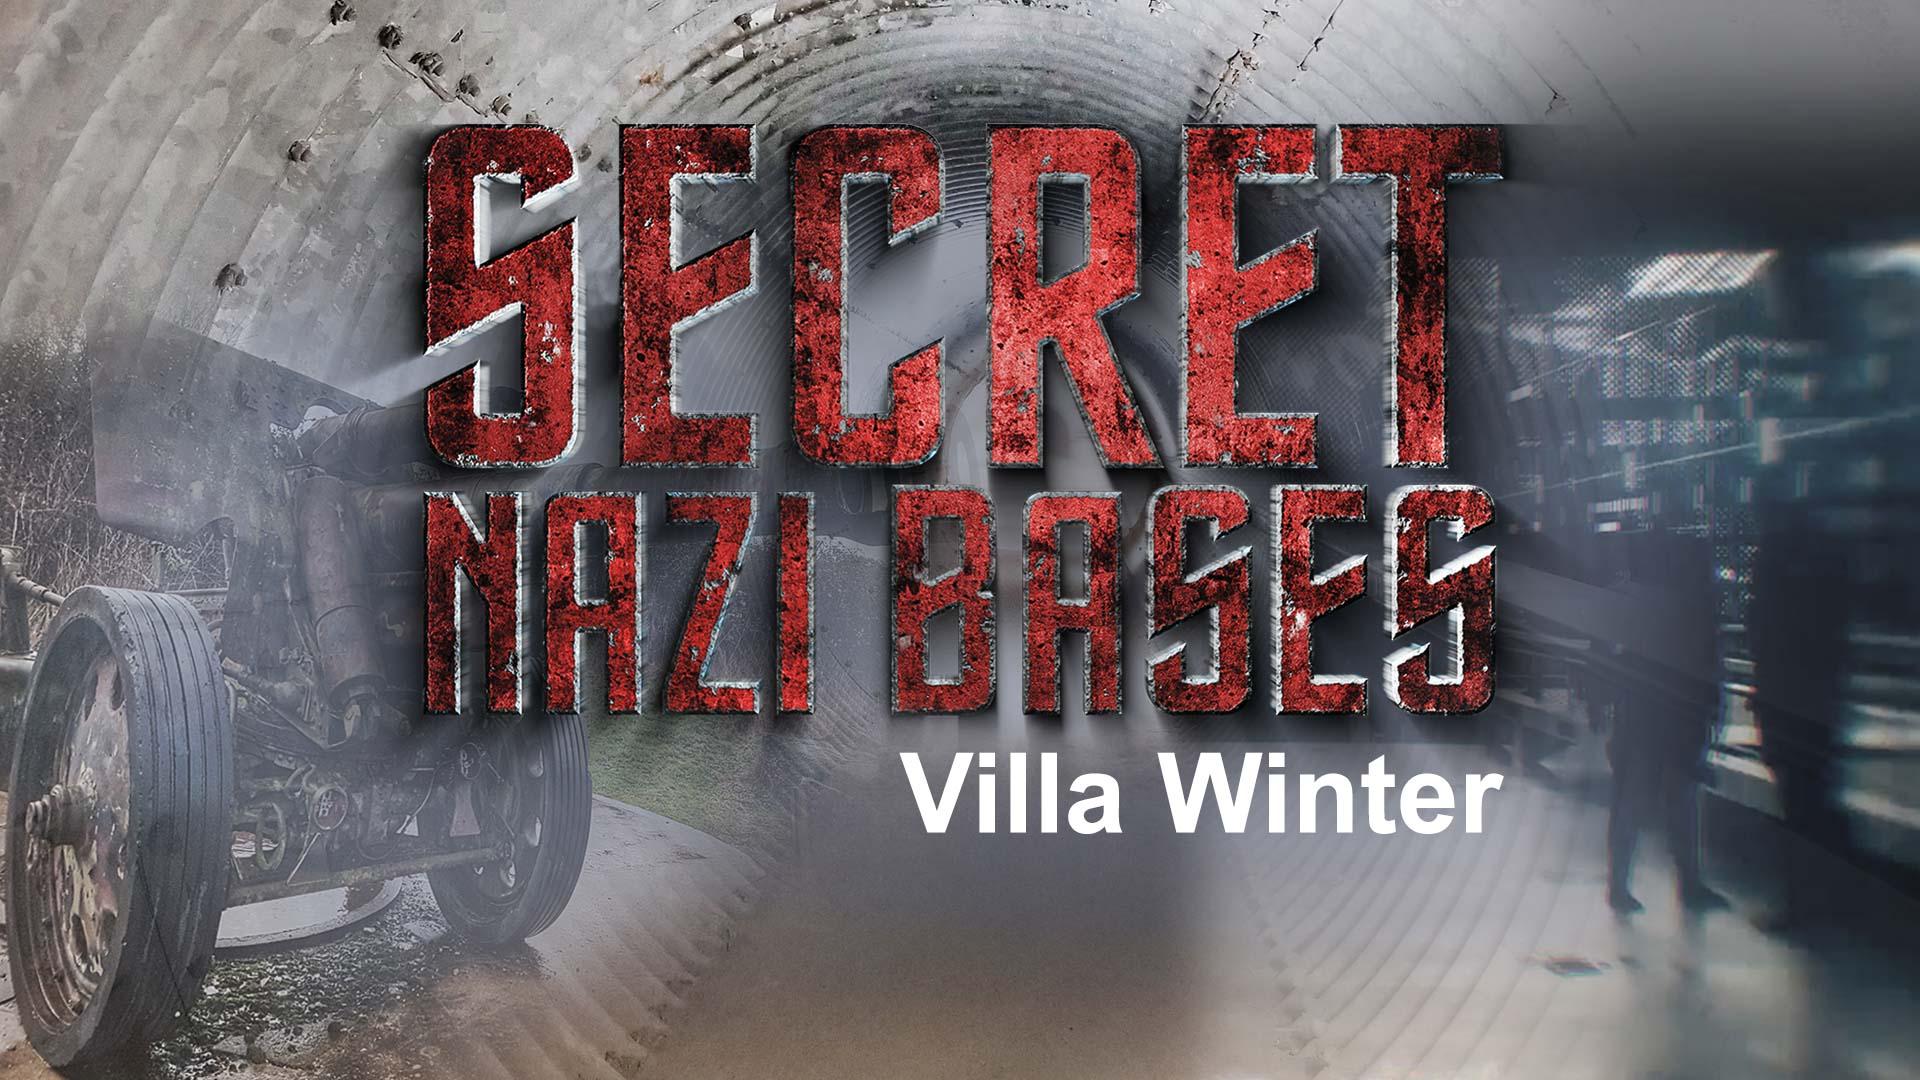 Secret Nazi Bases: Villa Winter